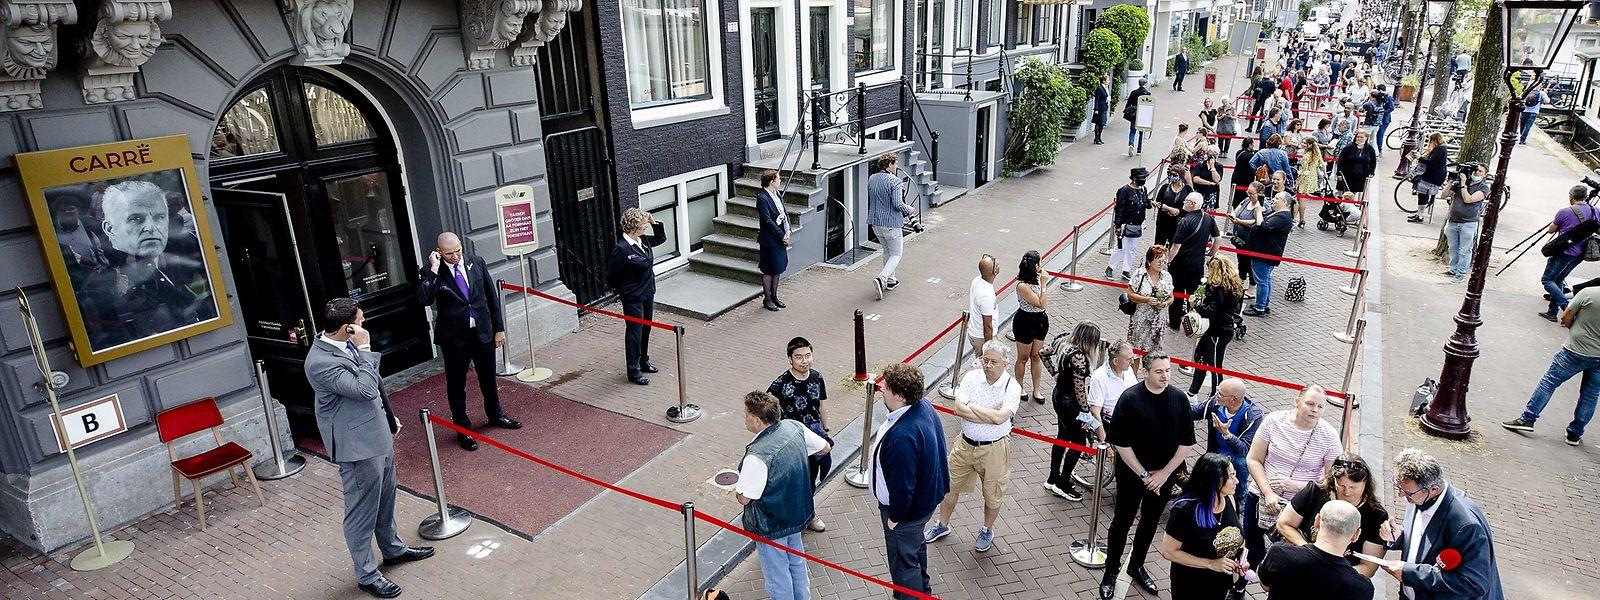 Menschen stehen Schlange, um von dem ermordeten Reporter Peter R. de Vries im Royal Theatre Carre Abschied zu nehmen.